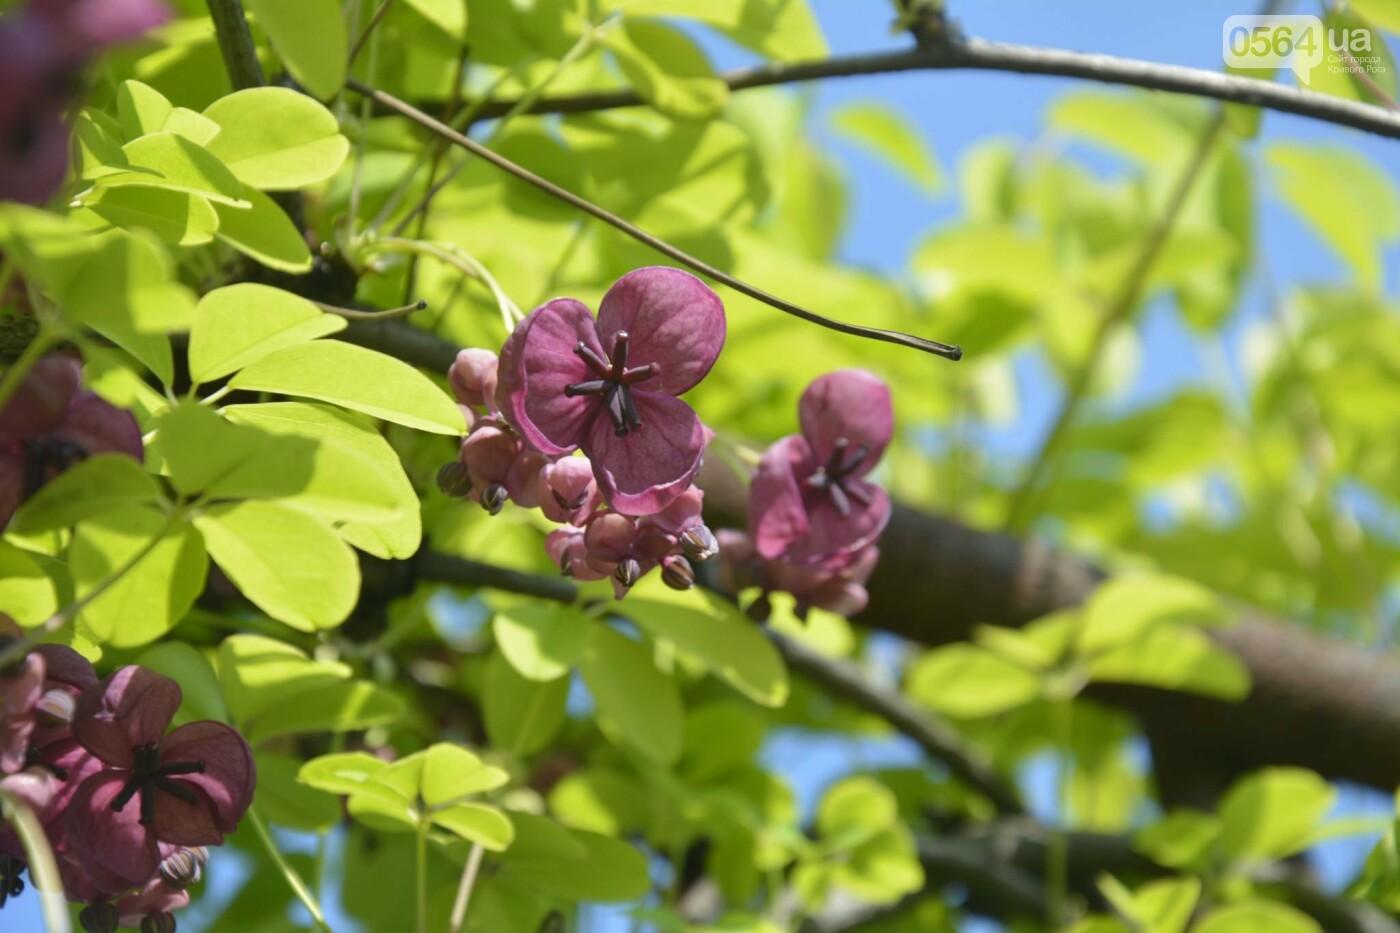 """Коллекция сирени, тюльпан """"Черный кофе"""", барбарис, - как выглядит Криворожский ботанический сад сегодня, - ФОТО, фото-17"""